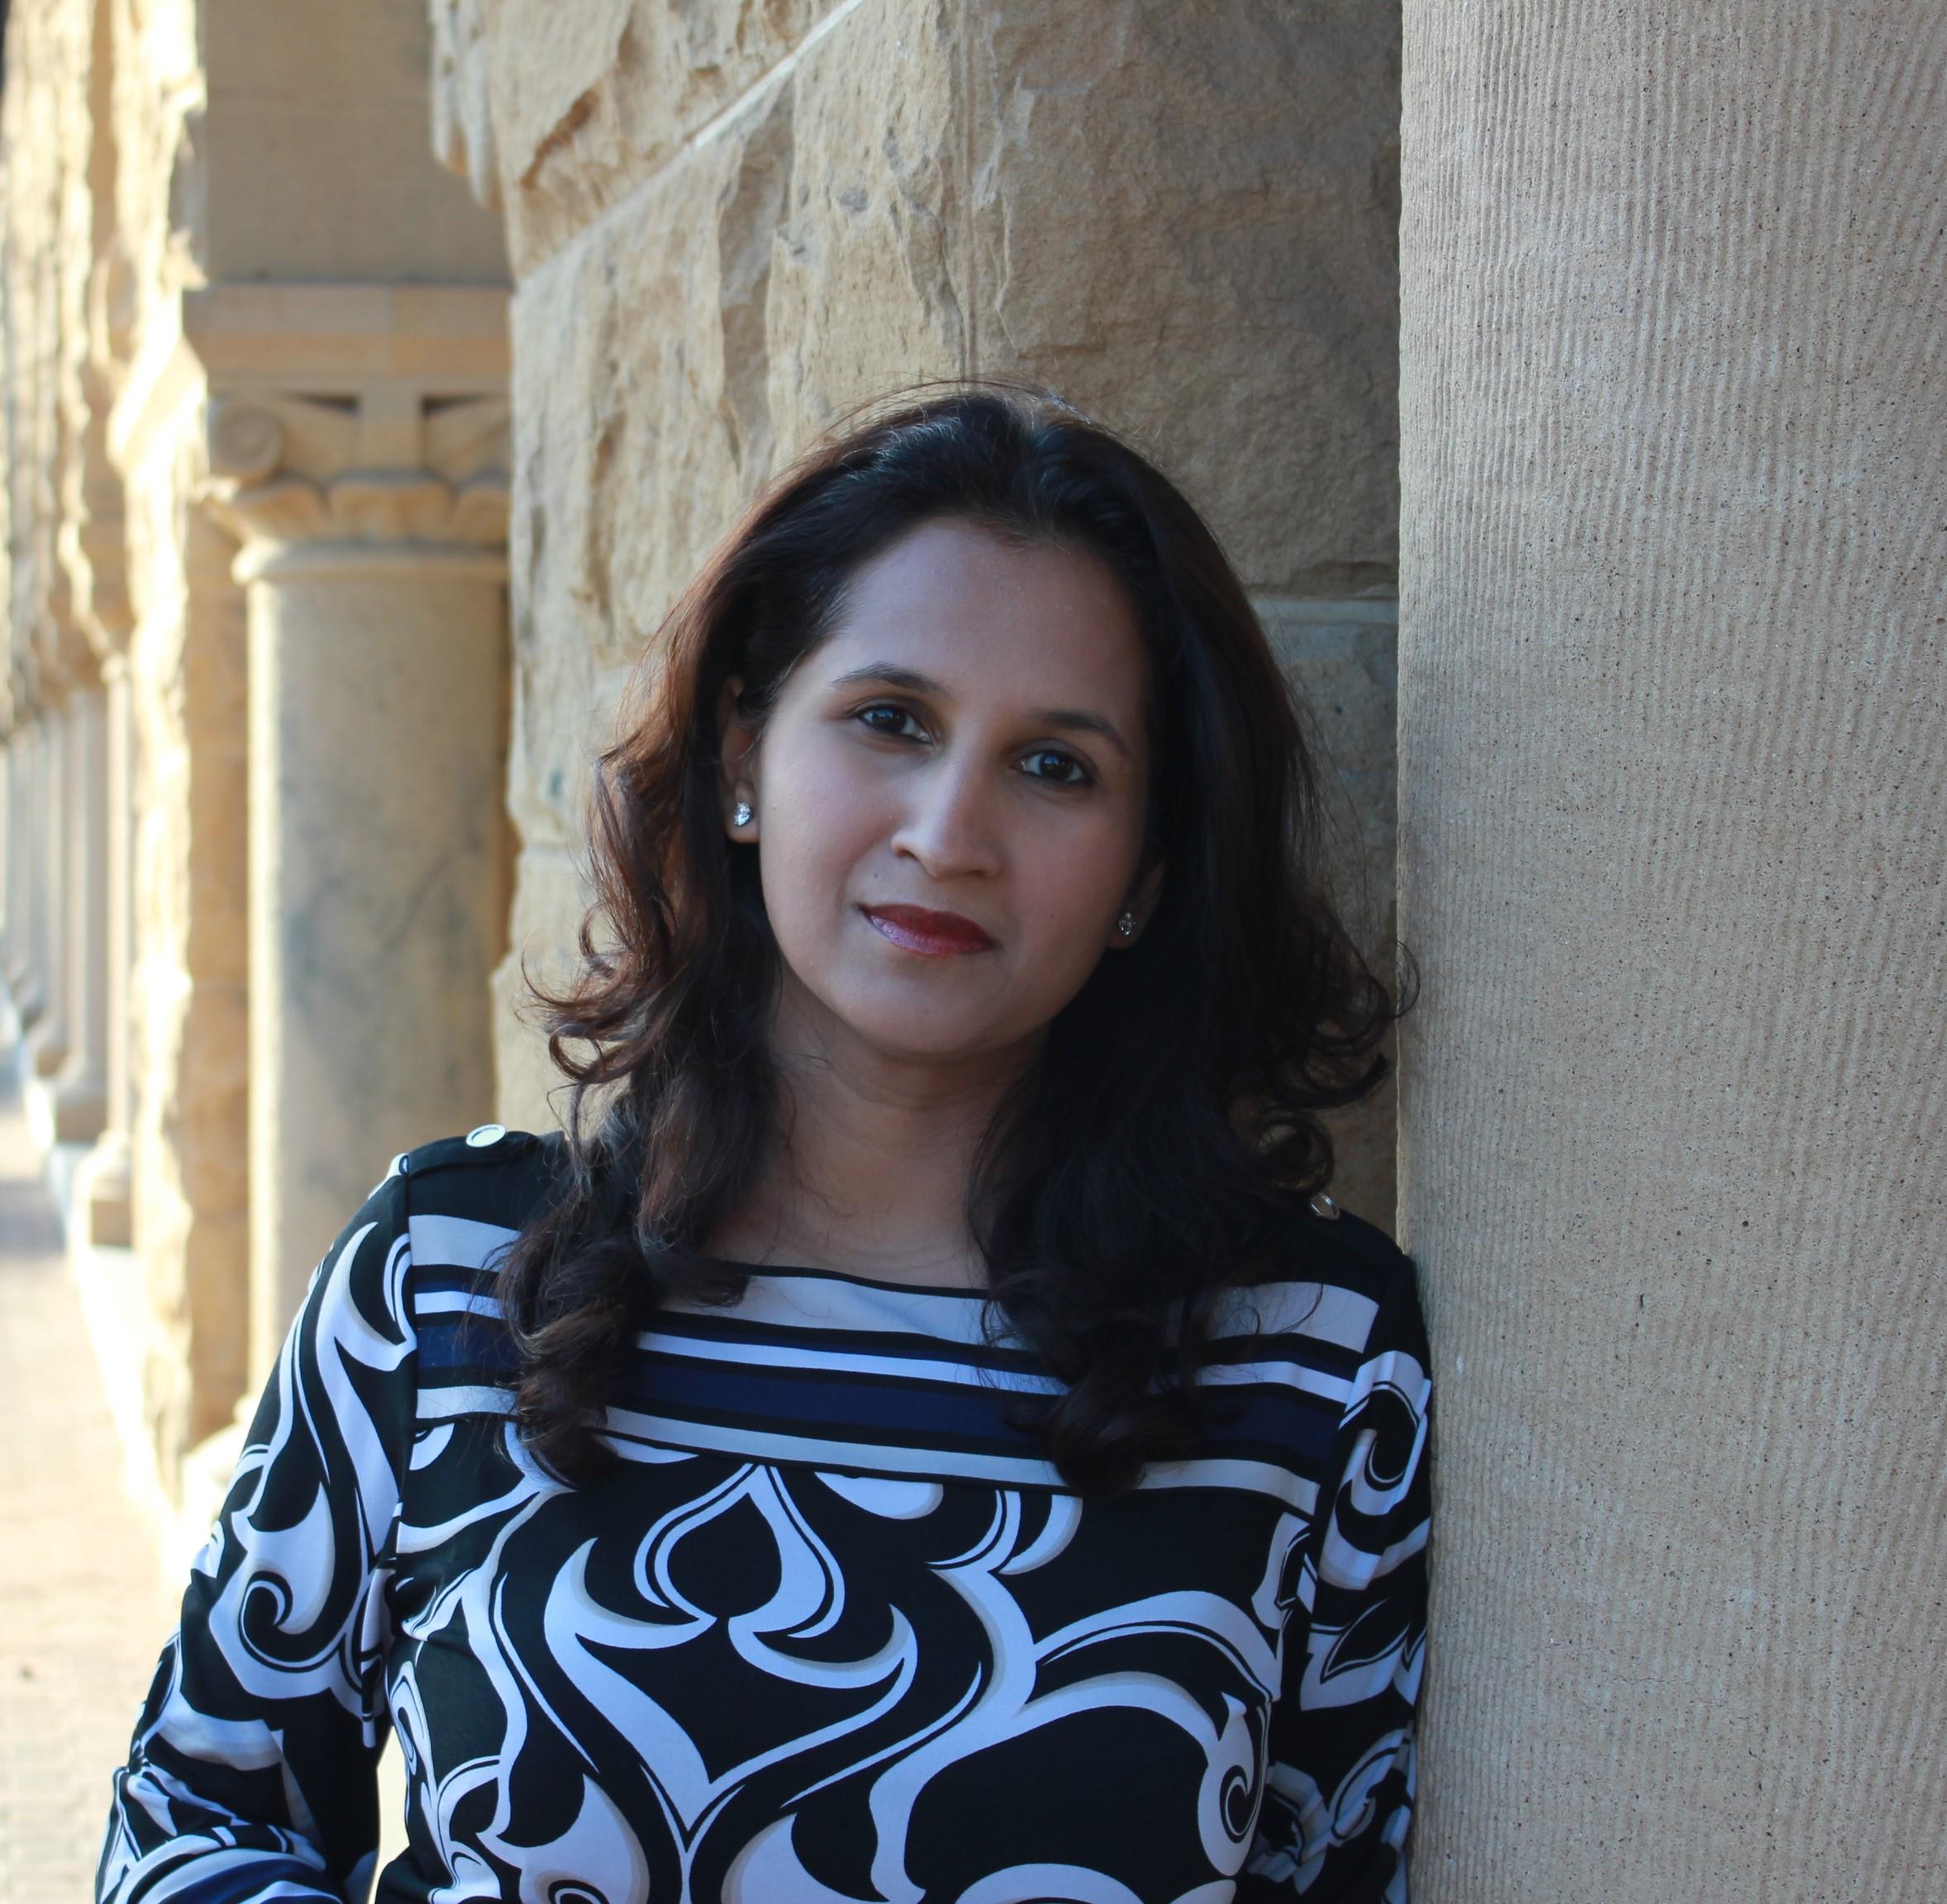 Jain Image for PR 3.JPG